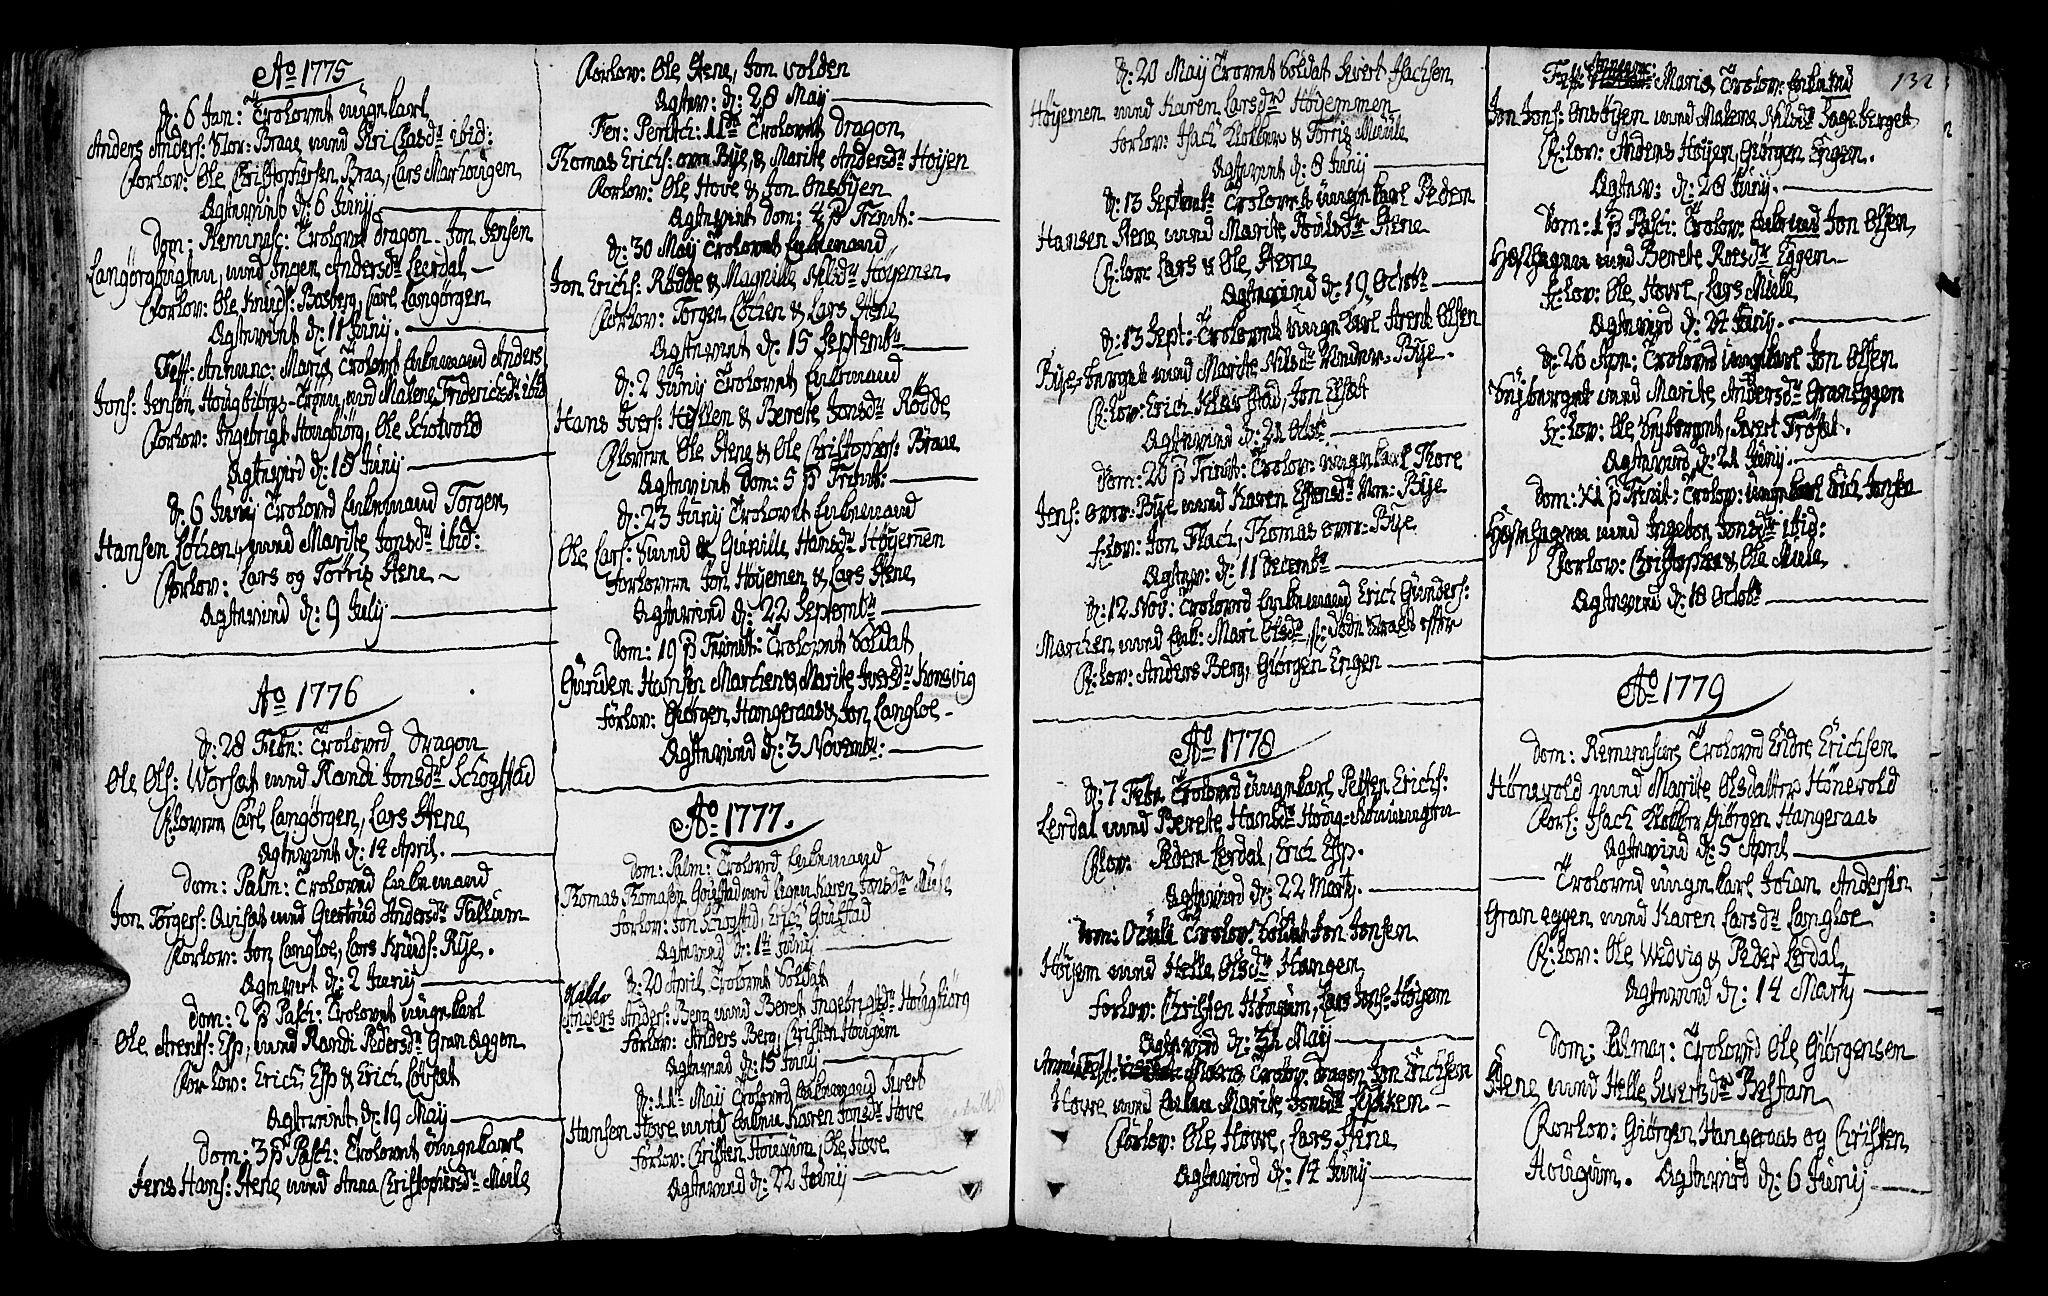 SAT, Ministerialprotokoller, klokkerbøker og fødselsregistre - Sør-Trøndelag, 612/L0370: Ministerialbok nr. 612A04, 1754-1802, s. 132